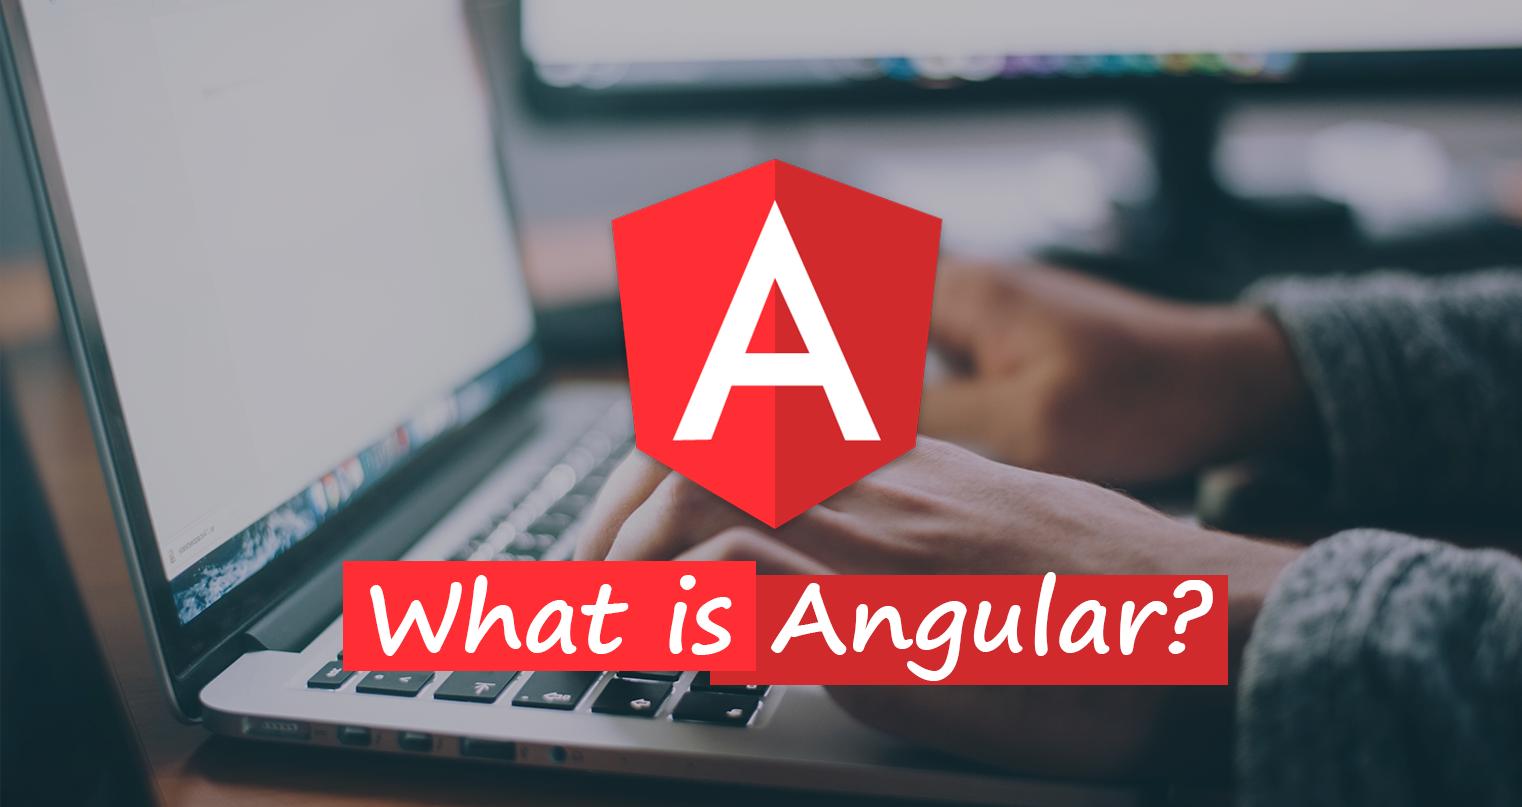 Что такое Angular?